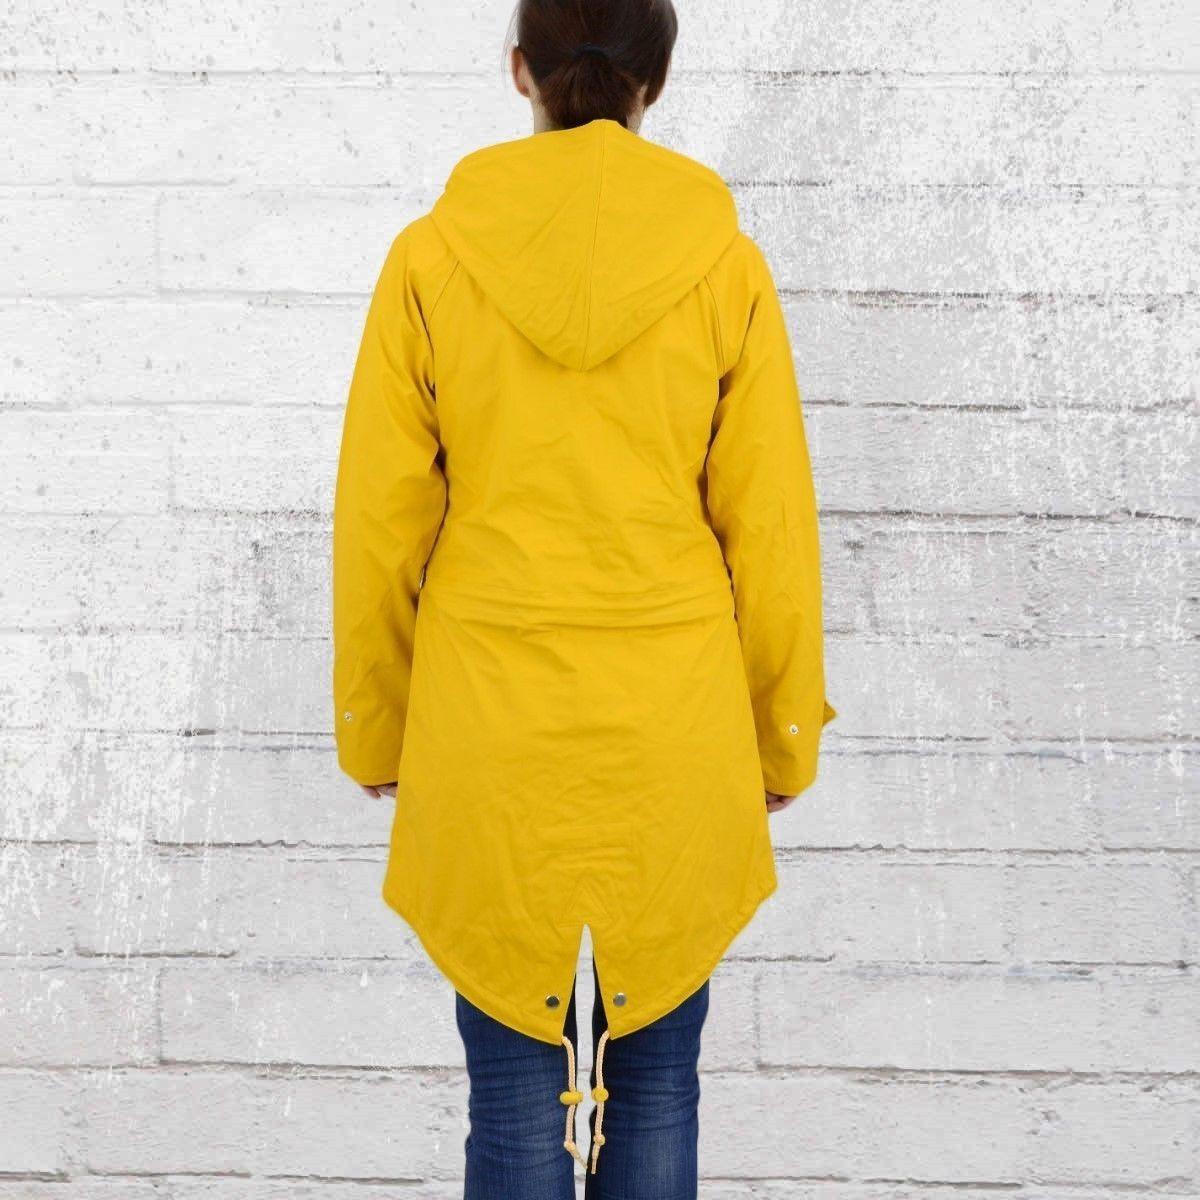 derbe damen regenjacke travel friese fisher gelb friesennerz regenmantel frauen in kleidung. Black Bedroom Furniture Sets. Home Design Ideas